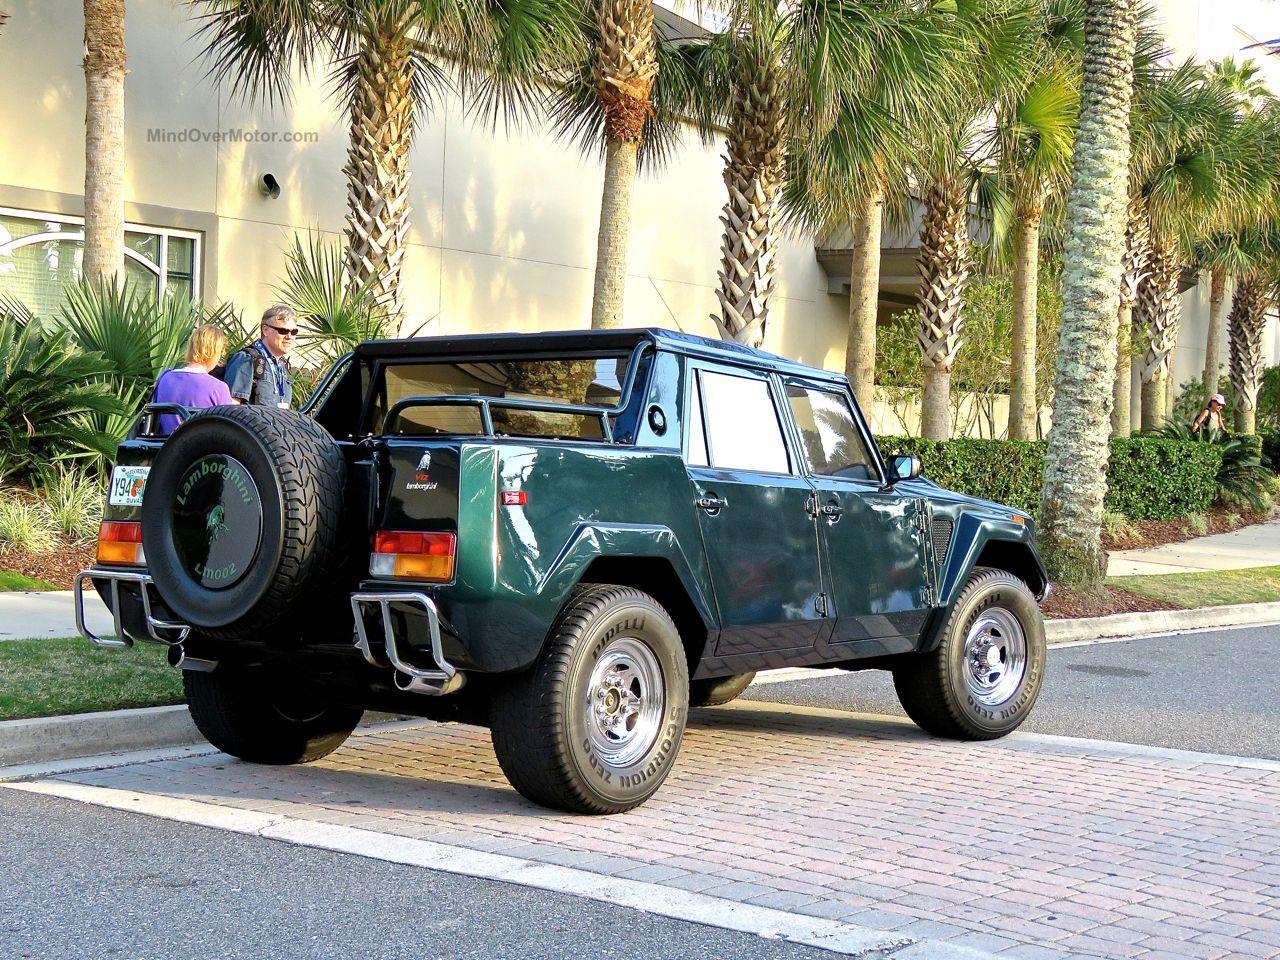 Lamborghini LM002 Amelia Island 3